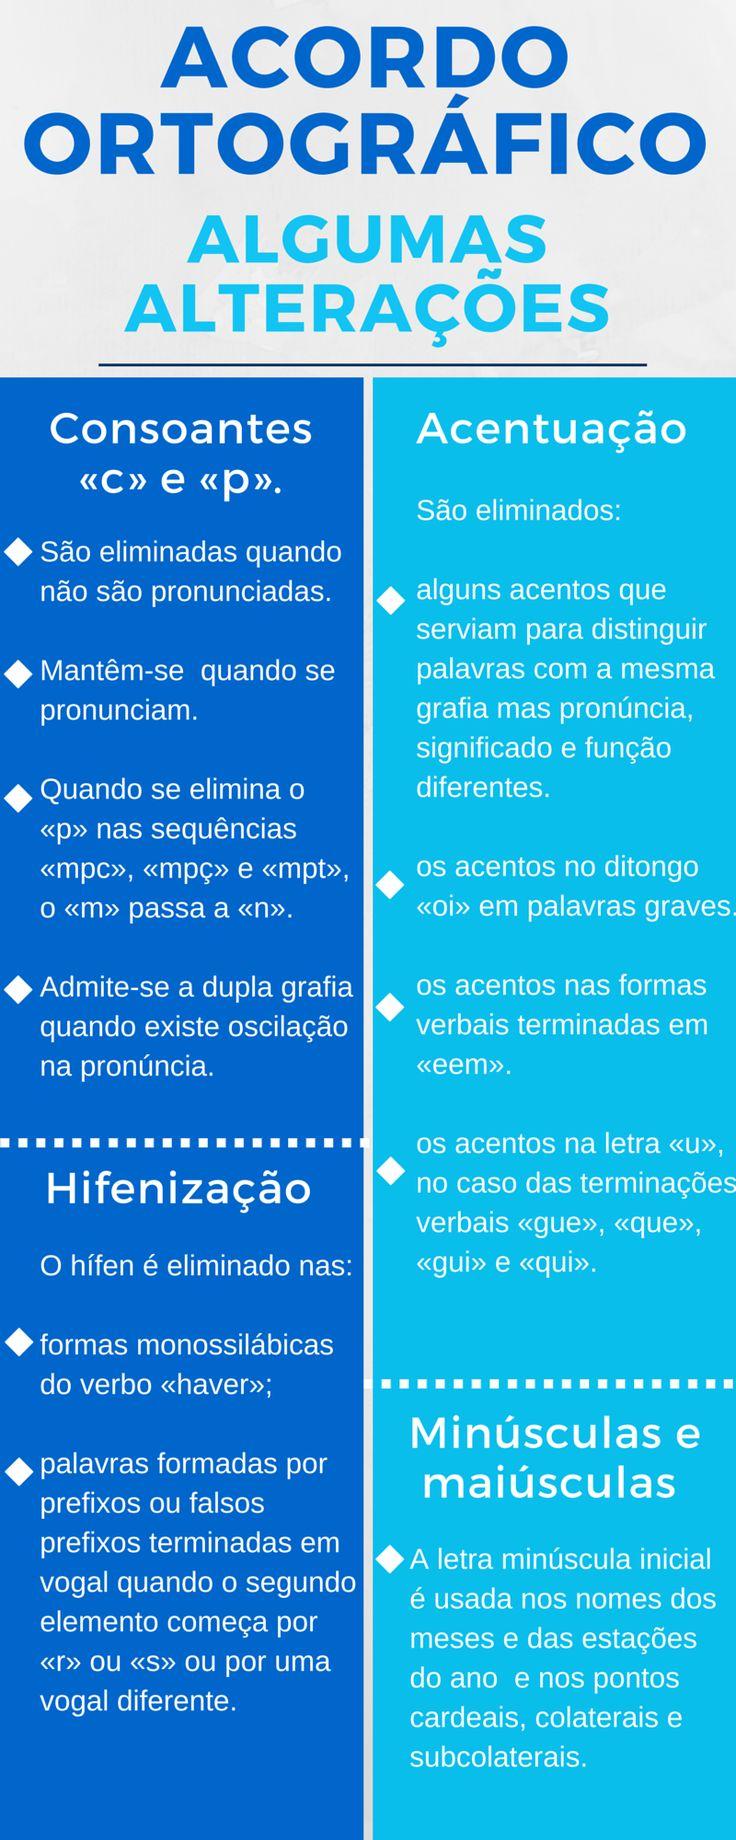 Acordo ortográfico-(Algumas Alterações)